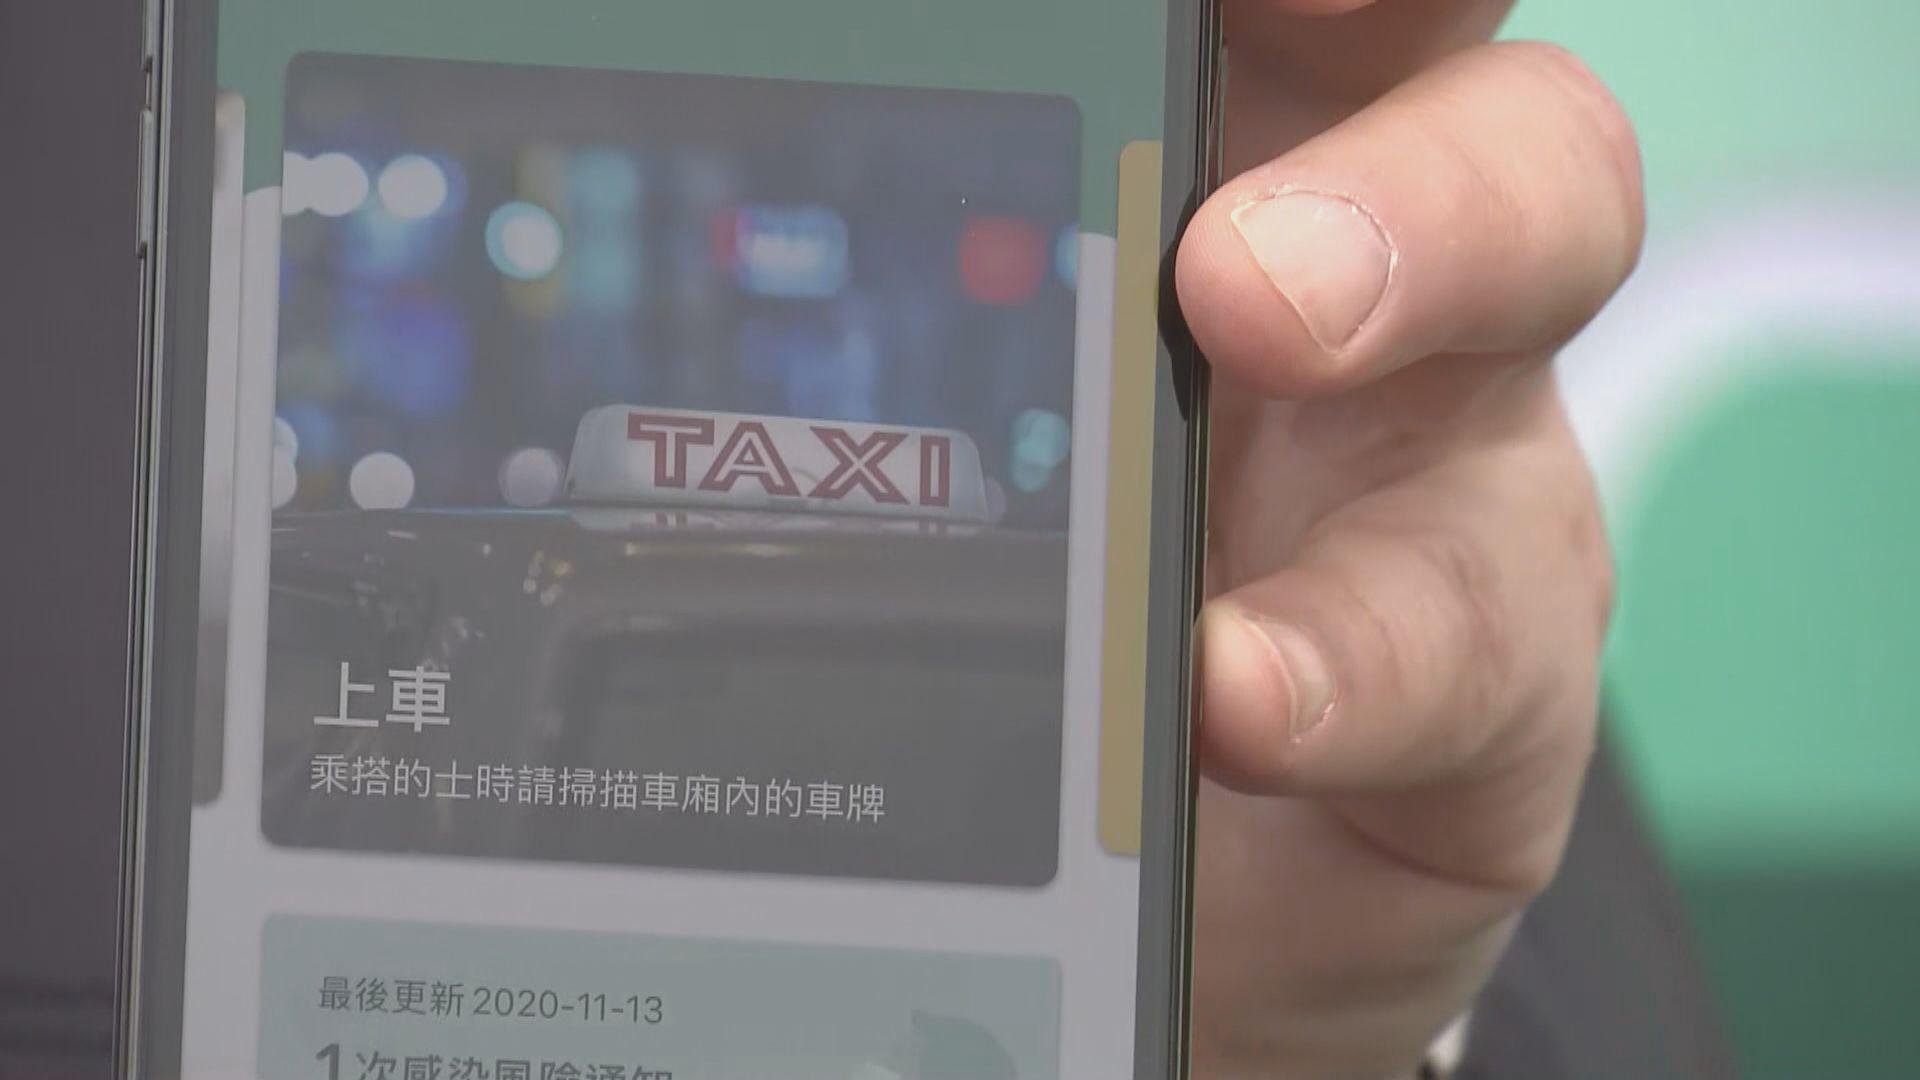 「安心出行」明啟用 薛永恒:政府無中央系統記錄市民資料